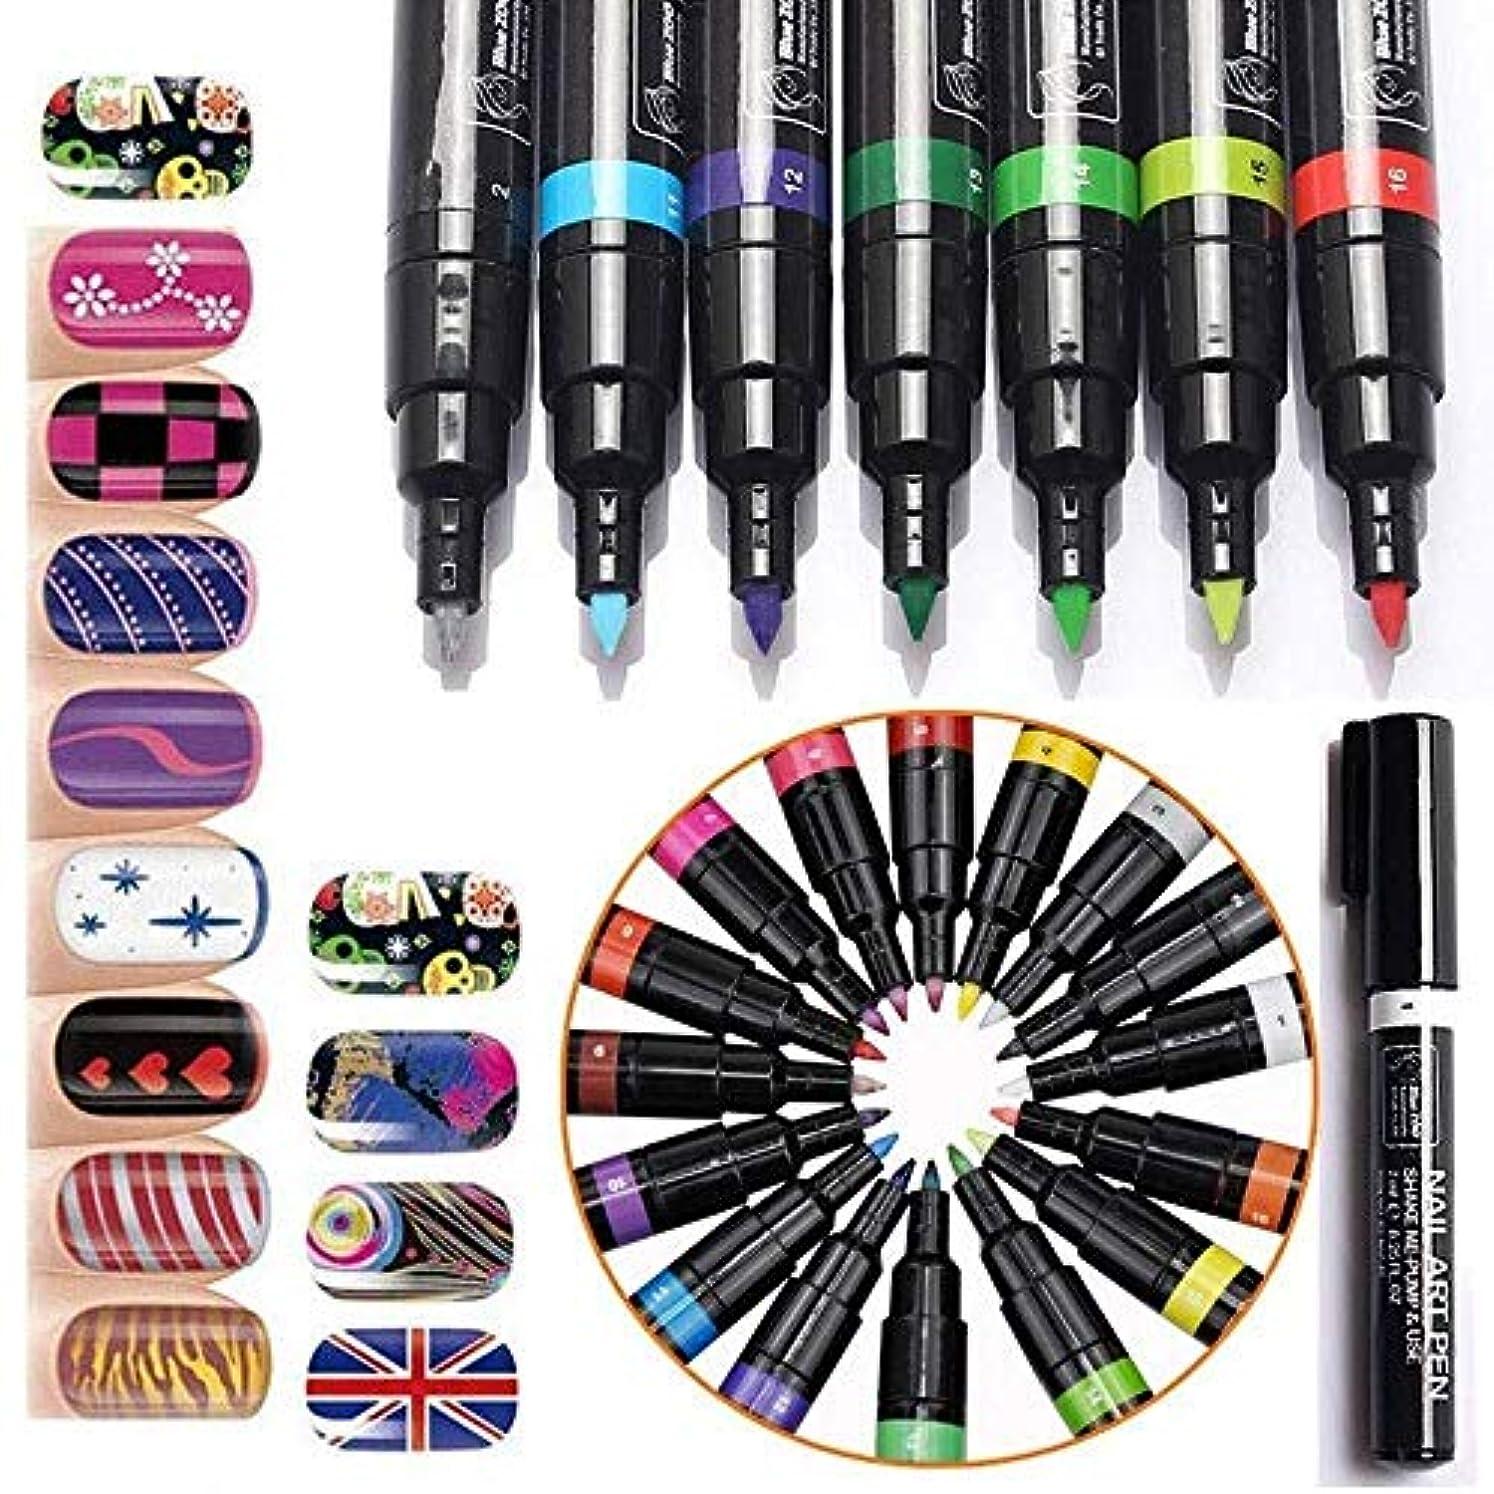 カーペットトチの実の木百年カラー ネイルアートペン 3Dネイルペン ネイルアートペン ネイルマニキュア液 ペイントペン ペイント DIY 16色 装飾図面ドットポリッシュペン セット